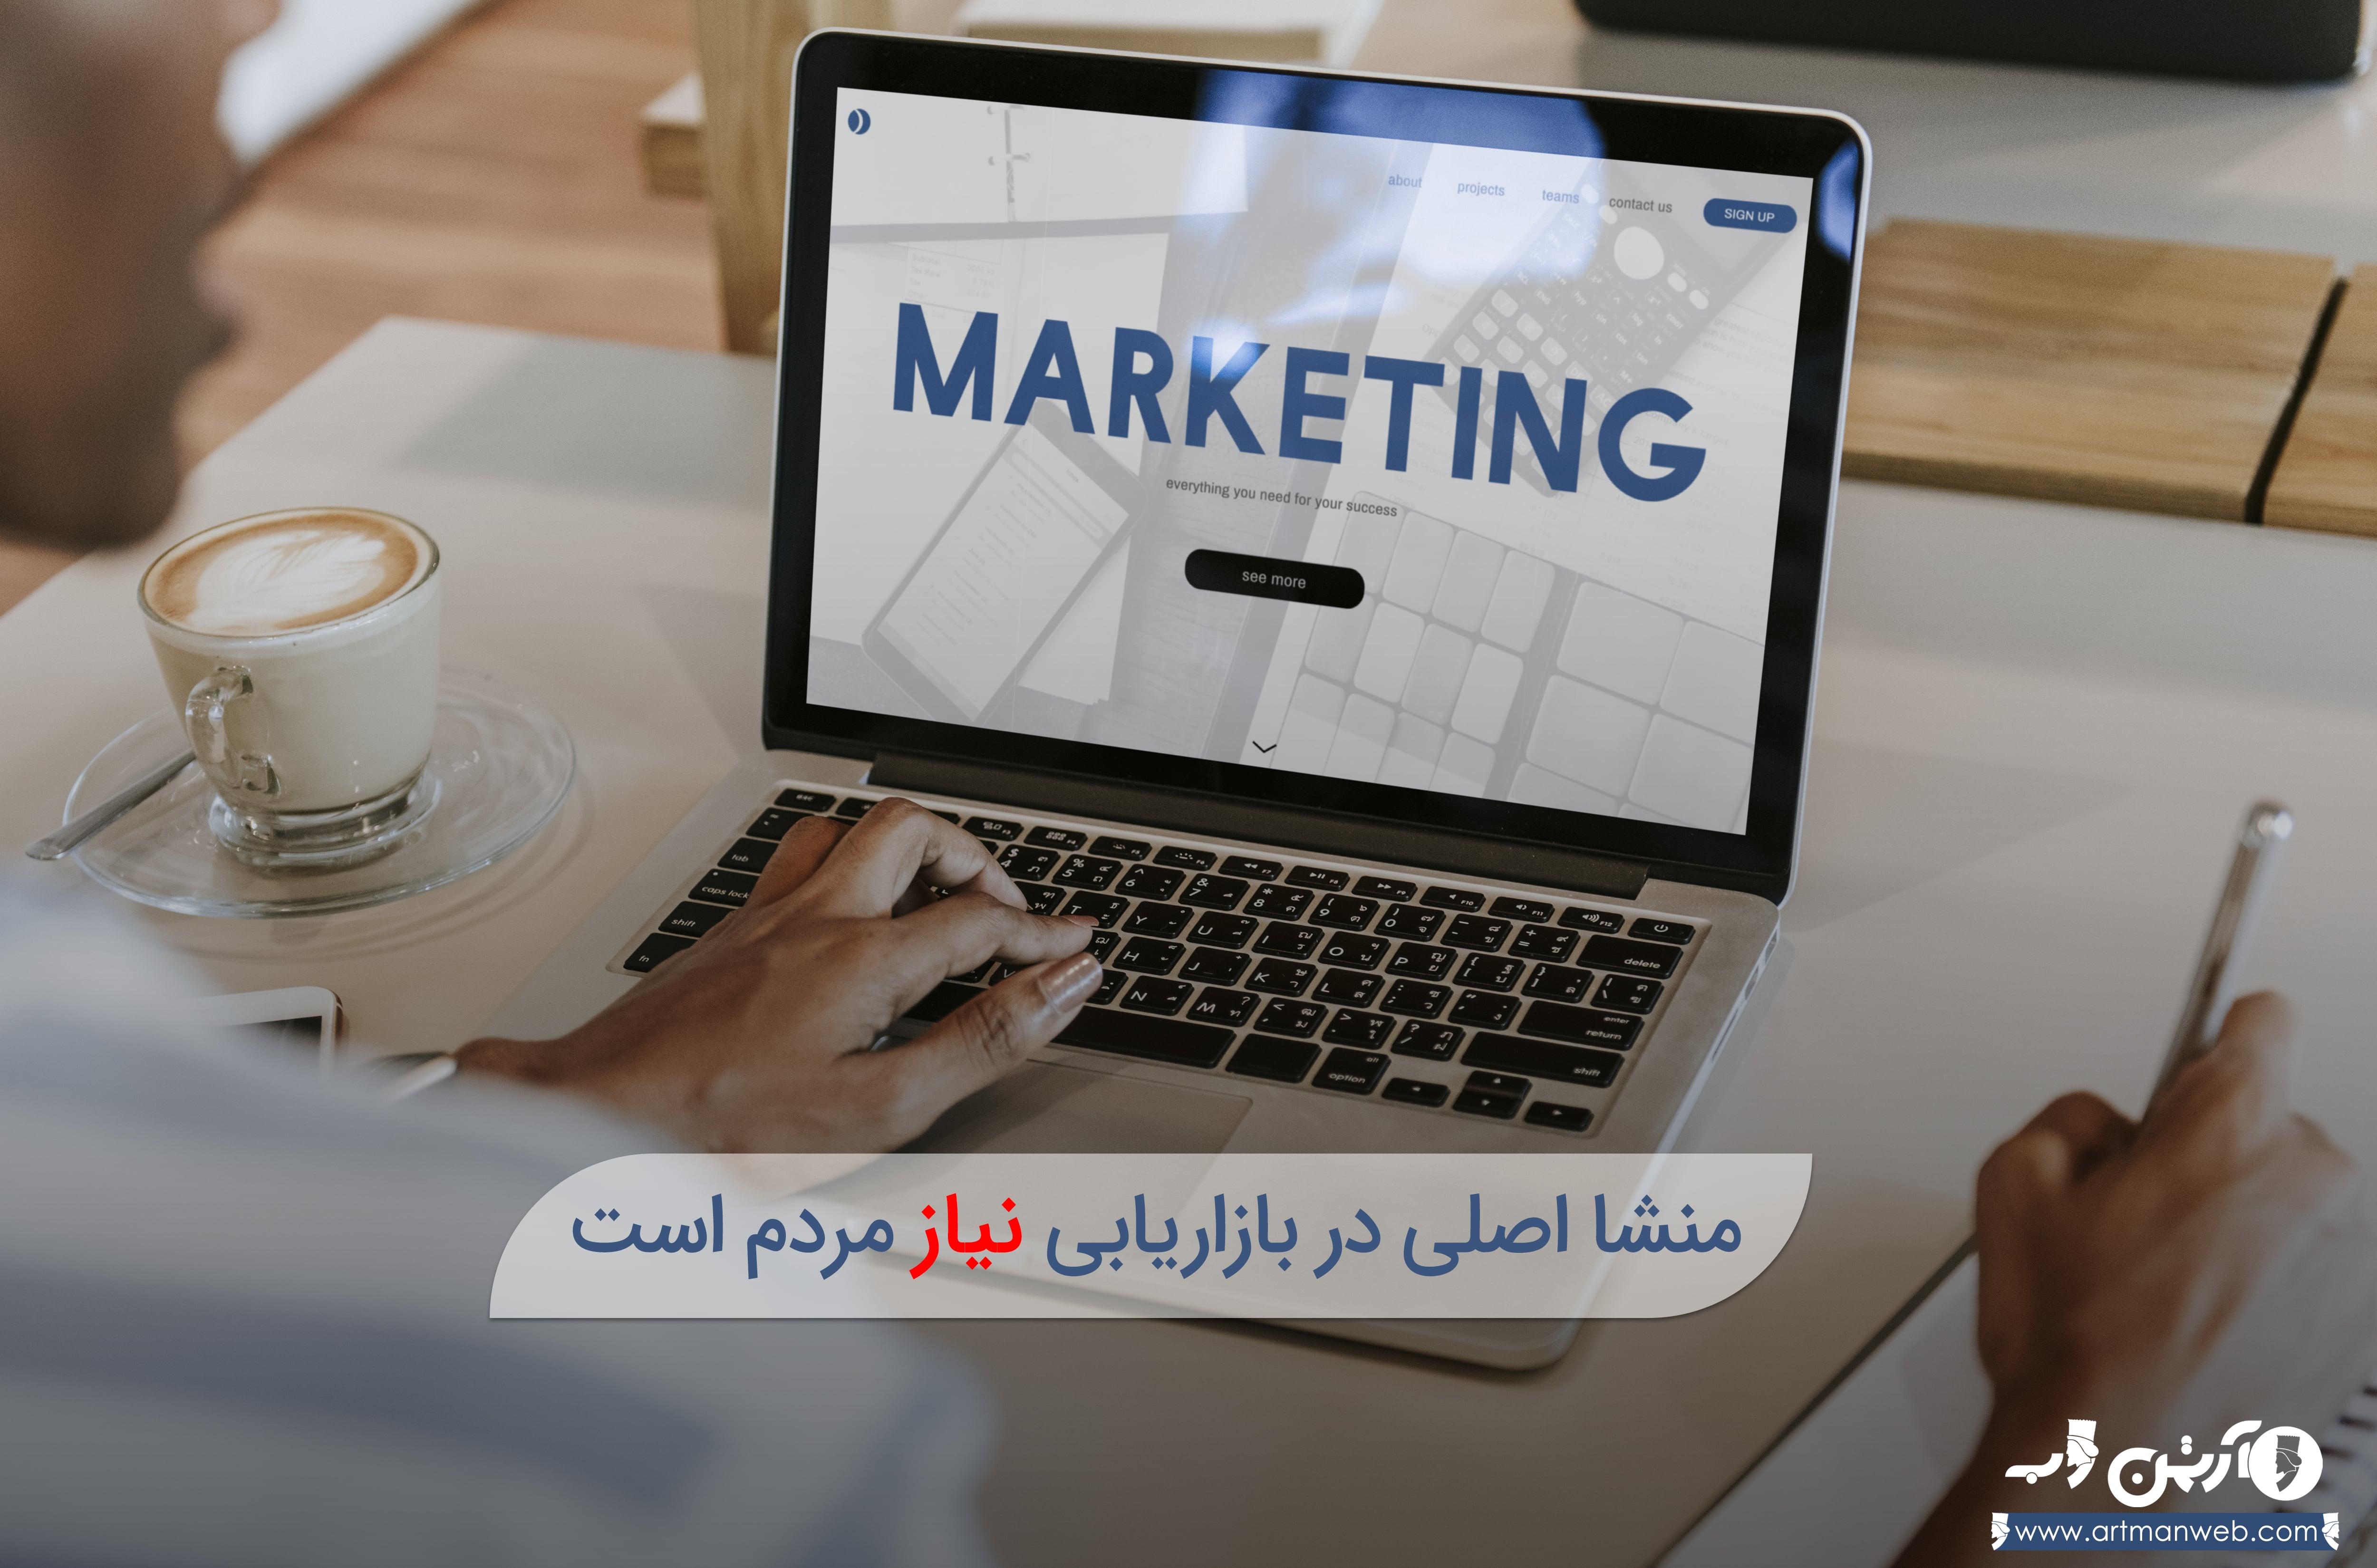 آیا از بازاریابی چیزی می دانید؟!